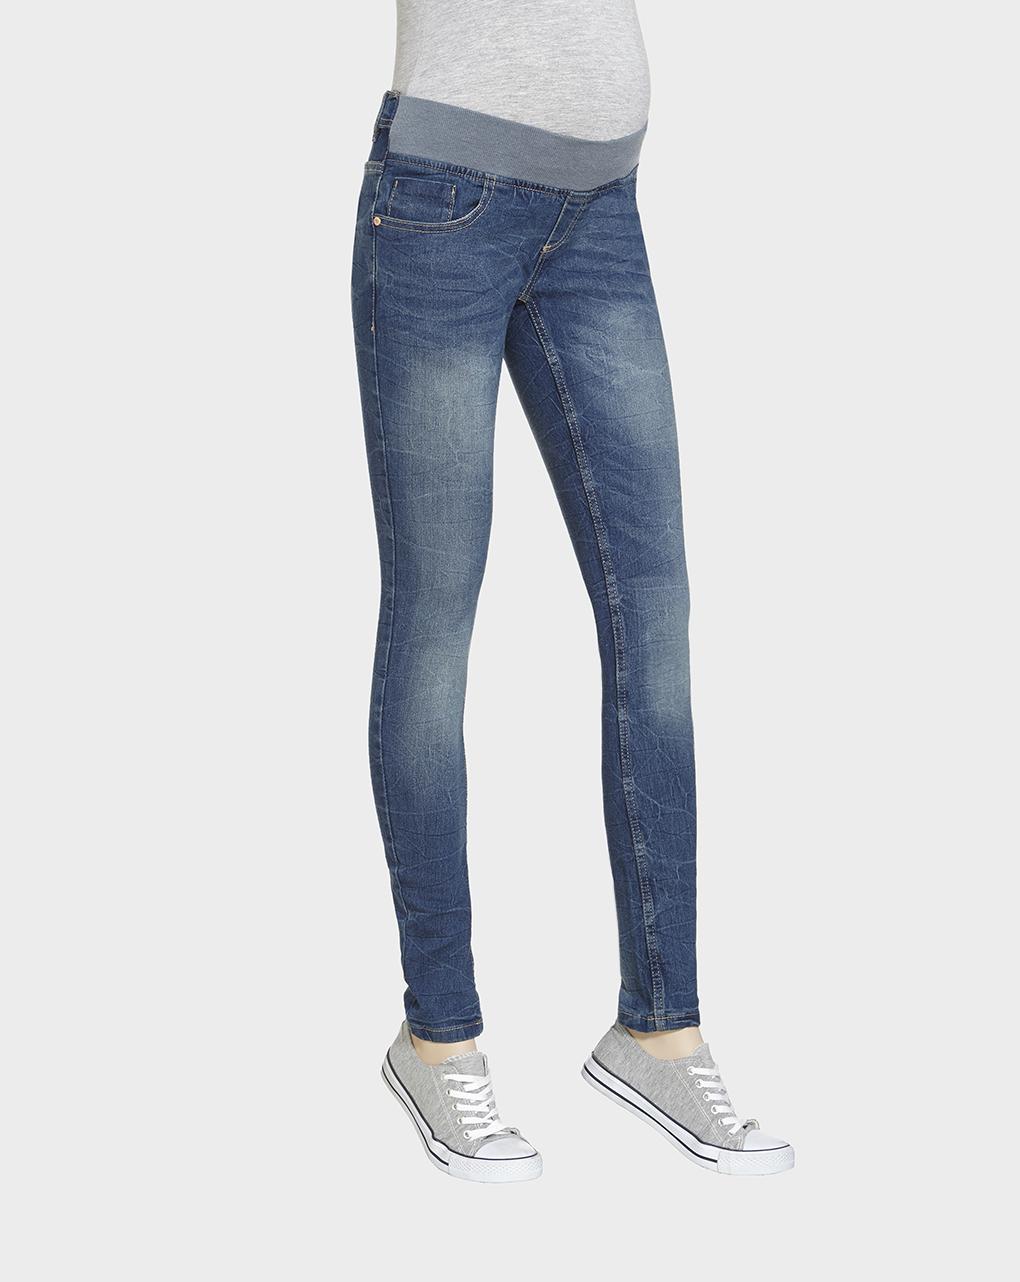 Γυναικείο Παντελόνι Denim Skinny Fit Μπλε